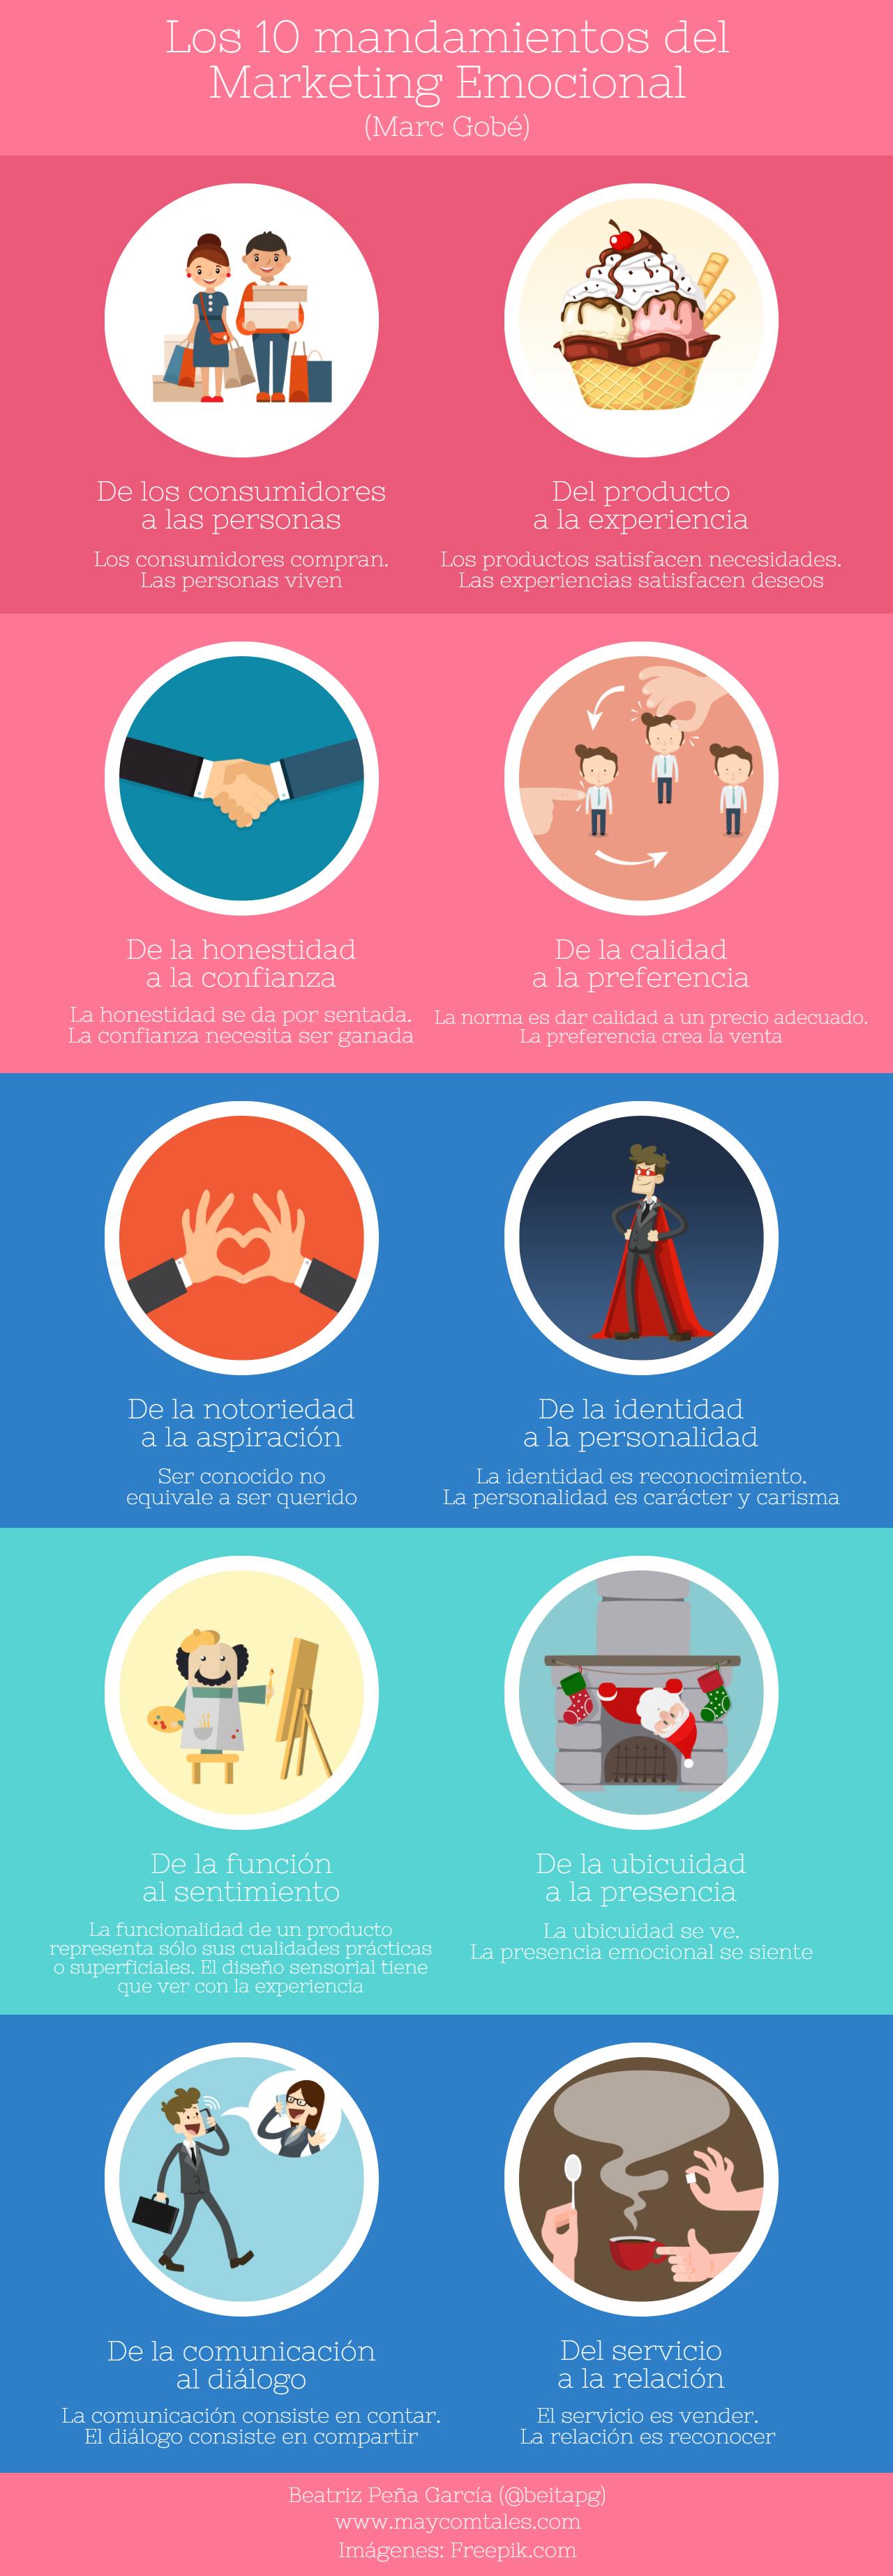 Los 10 mandamientos del marketing emocional